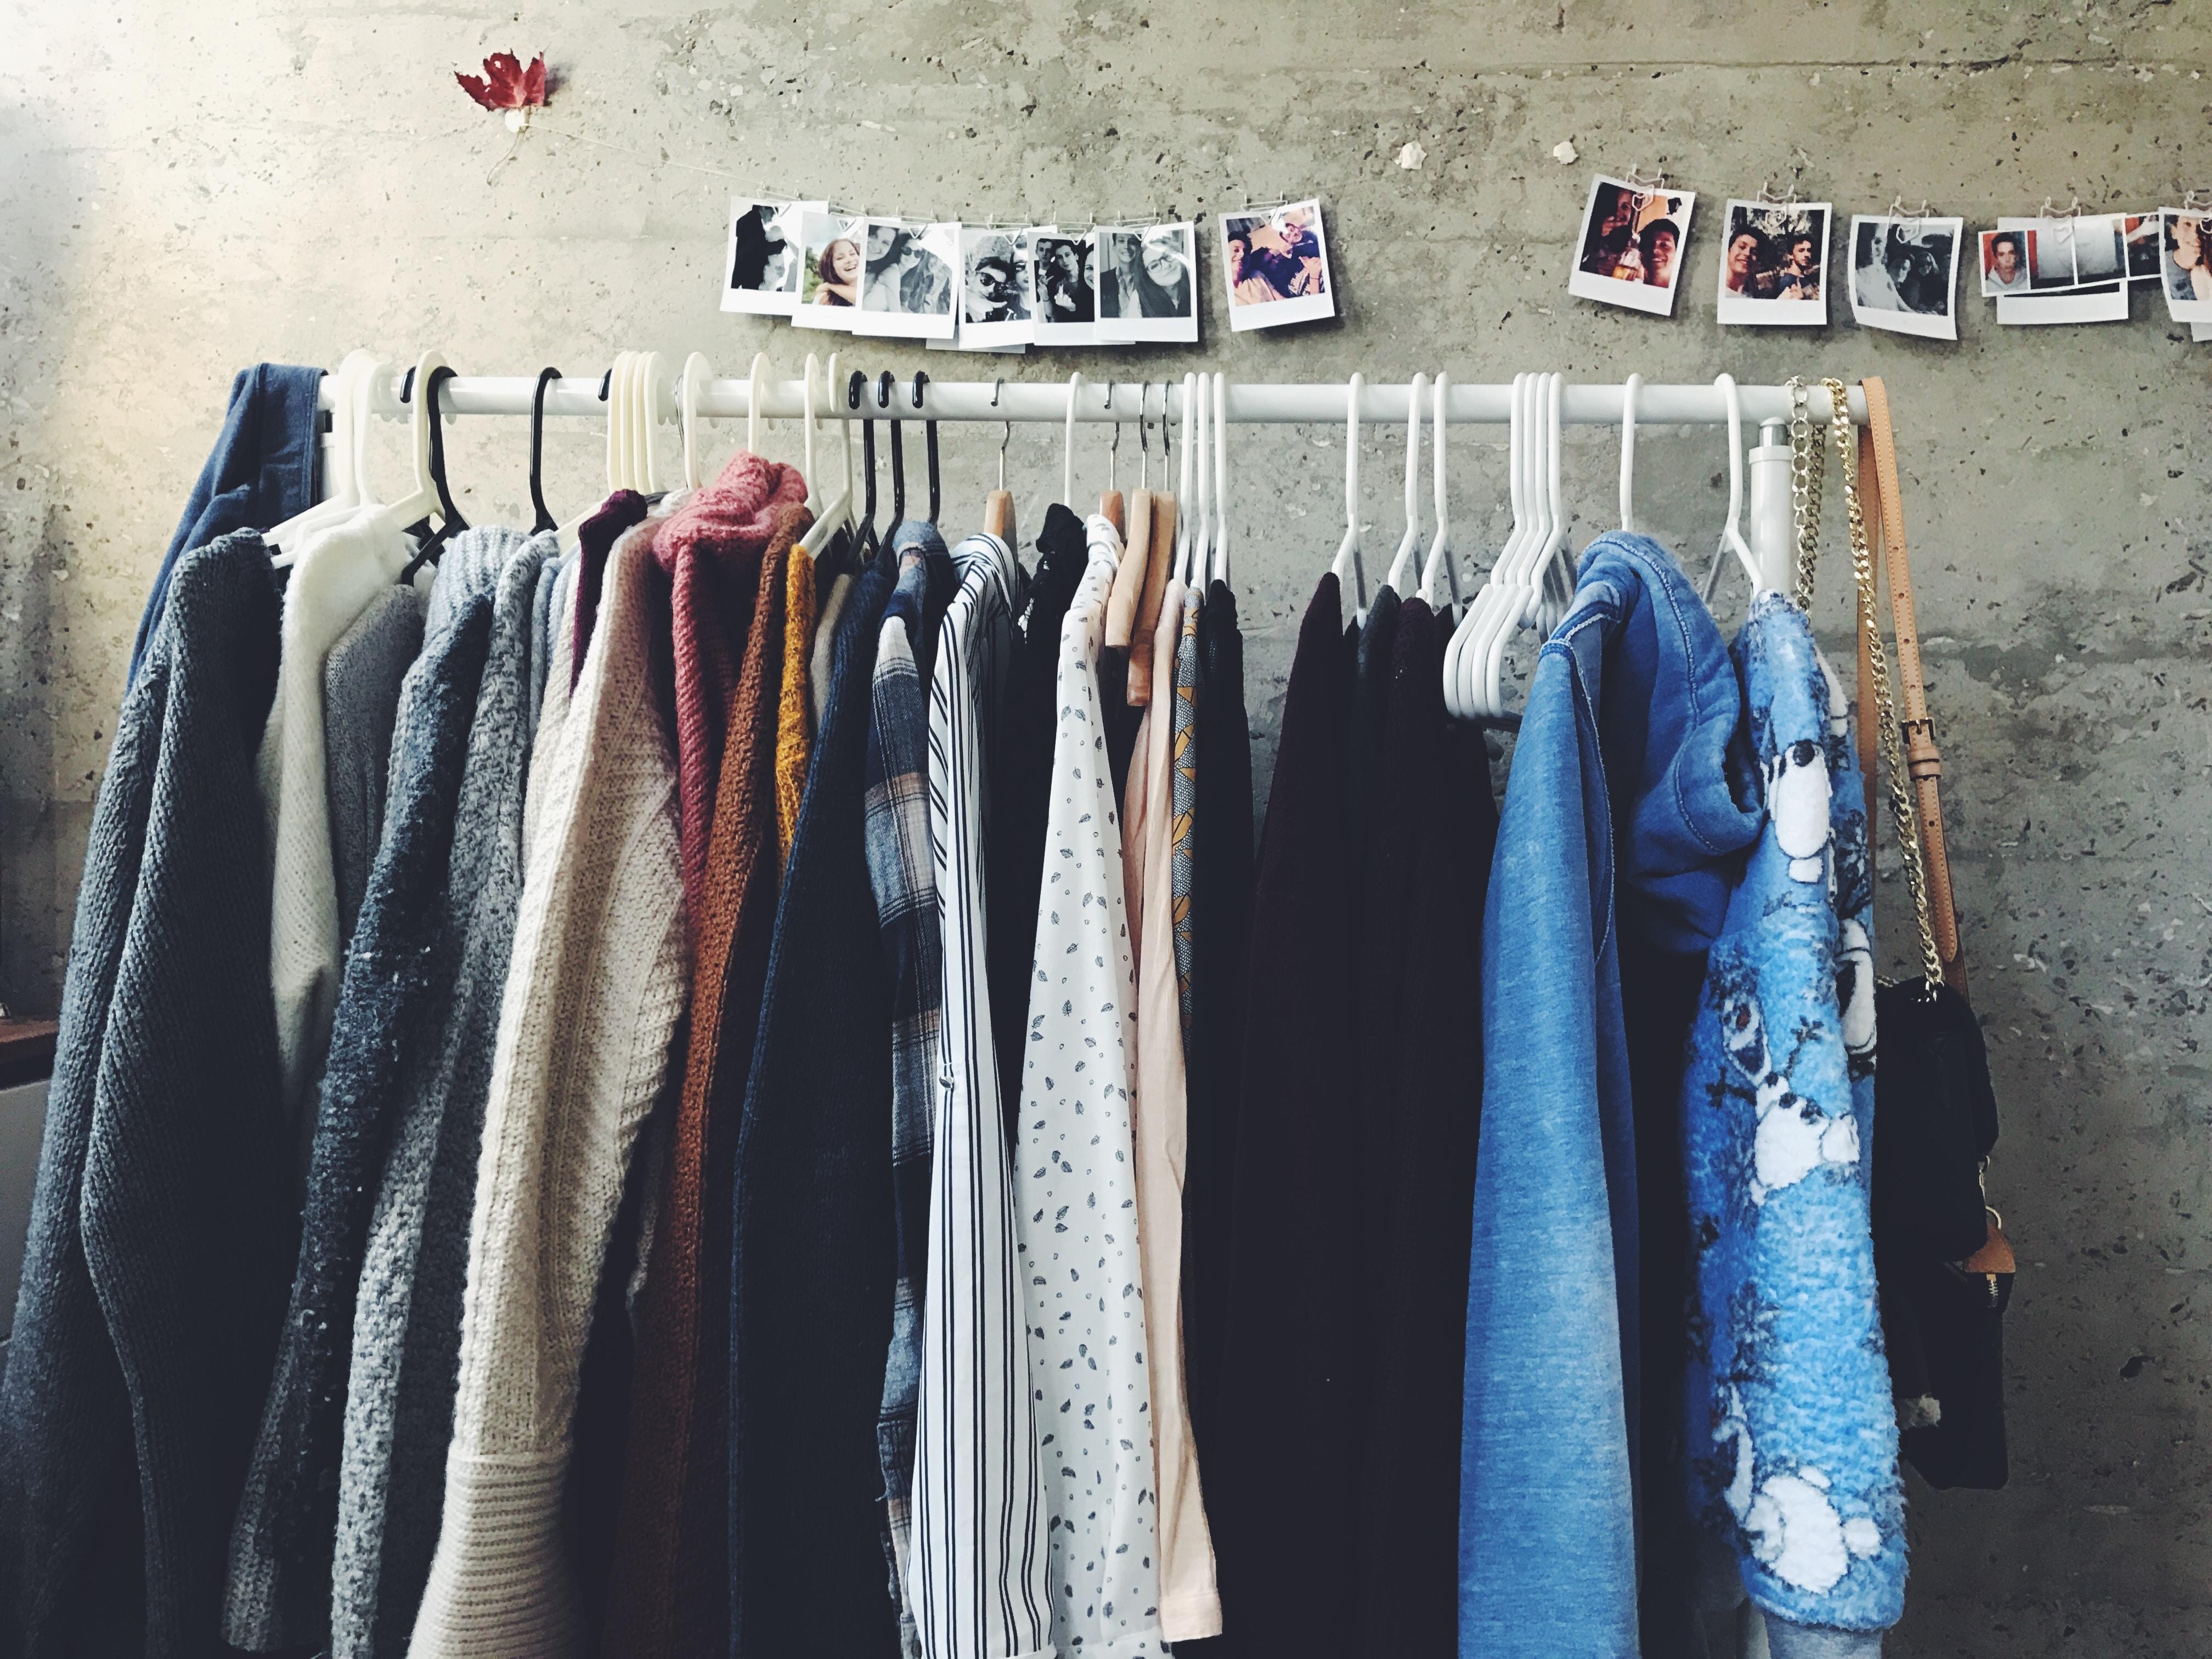 Gebrauchte Kleidung zu Geld machen